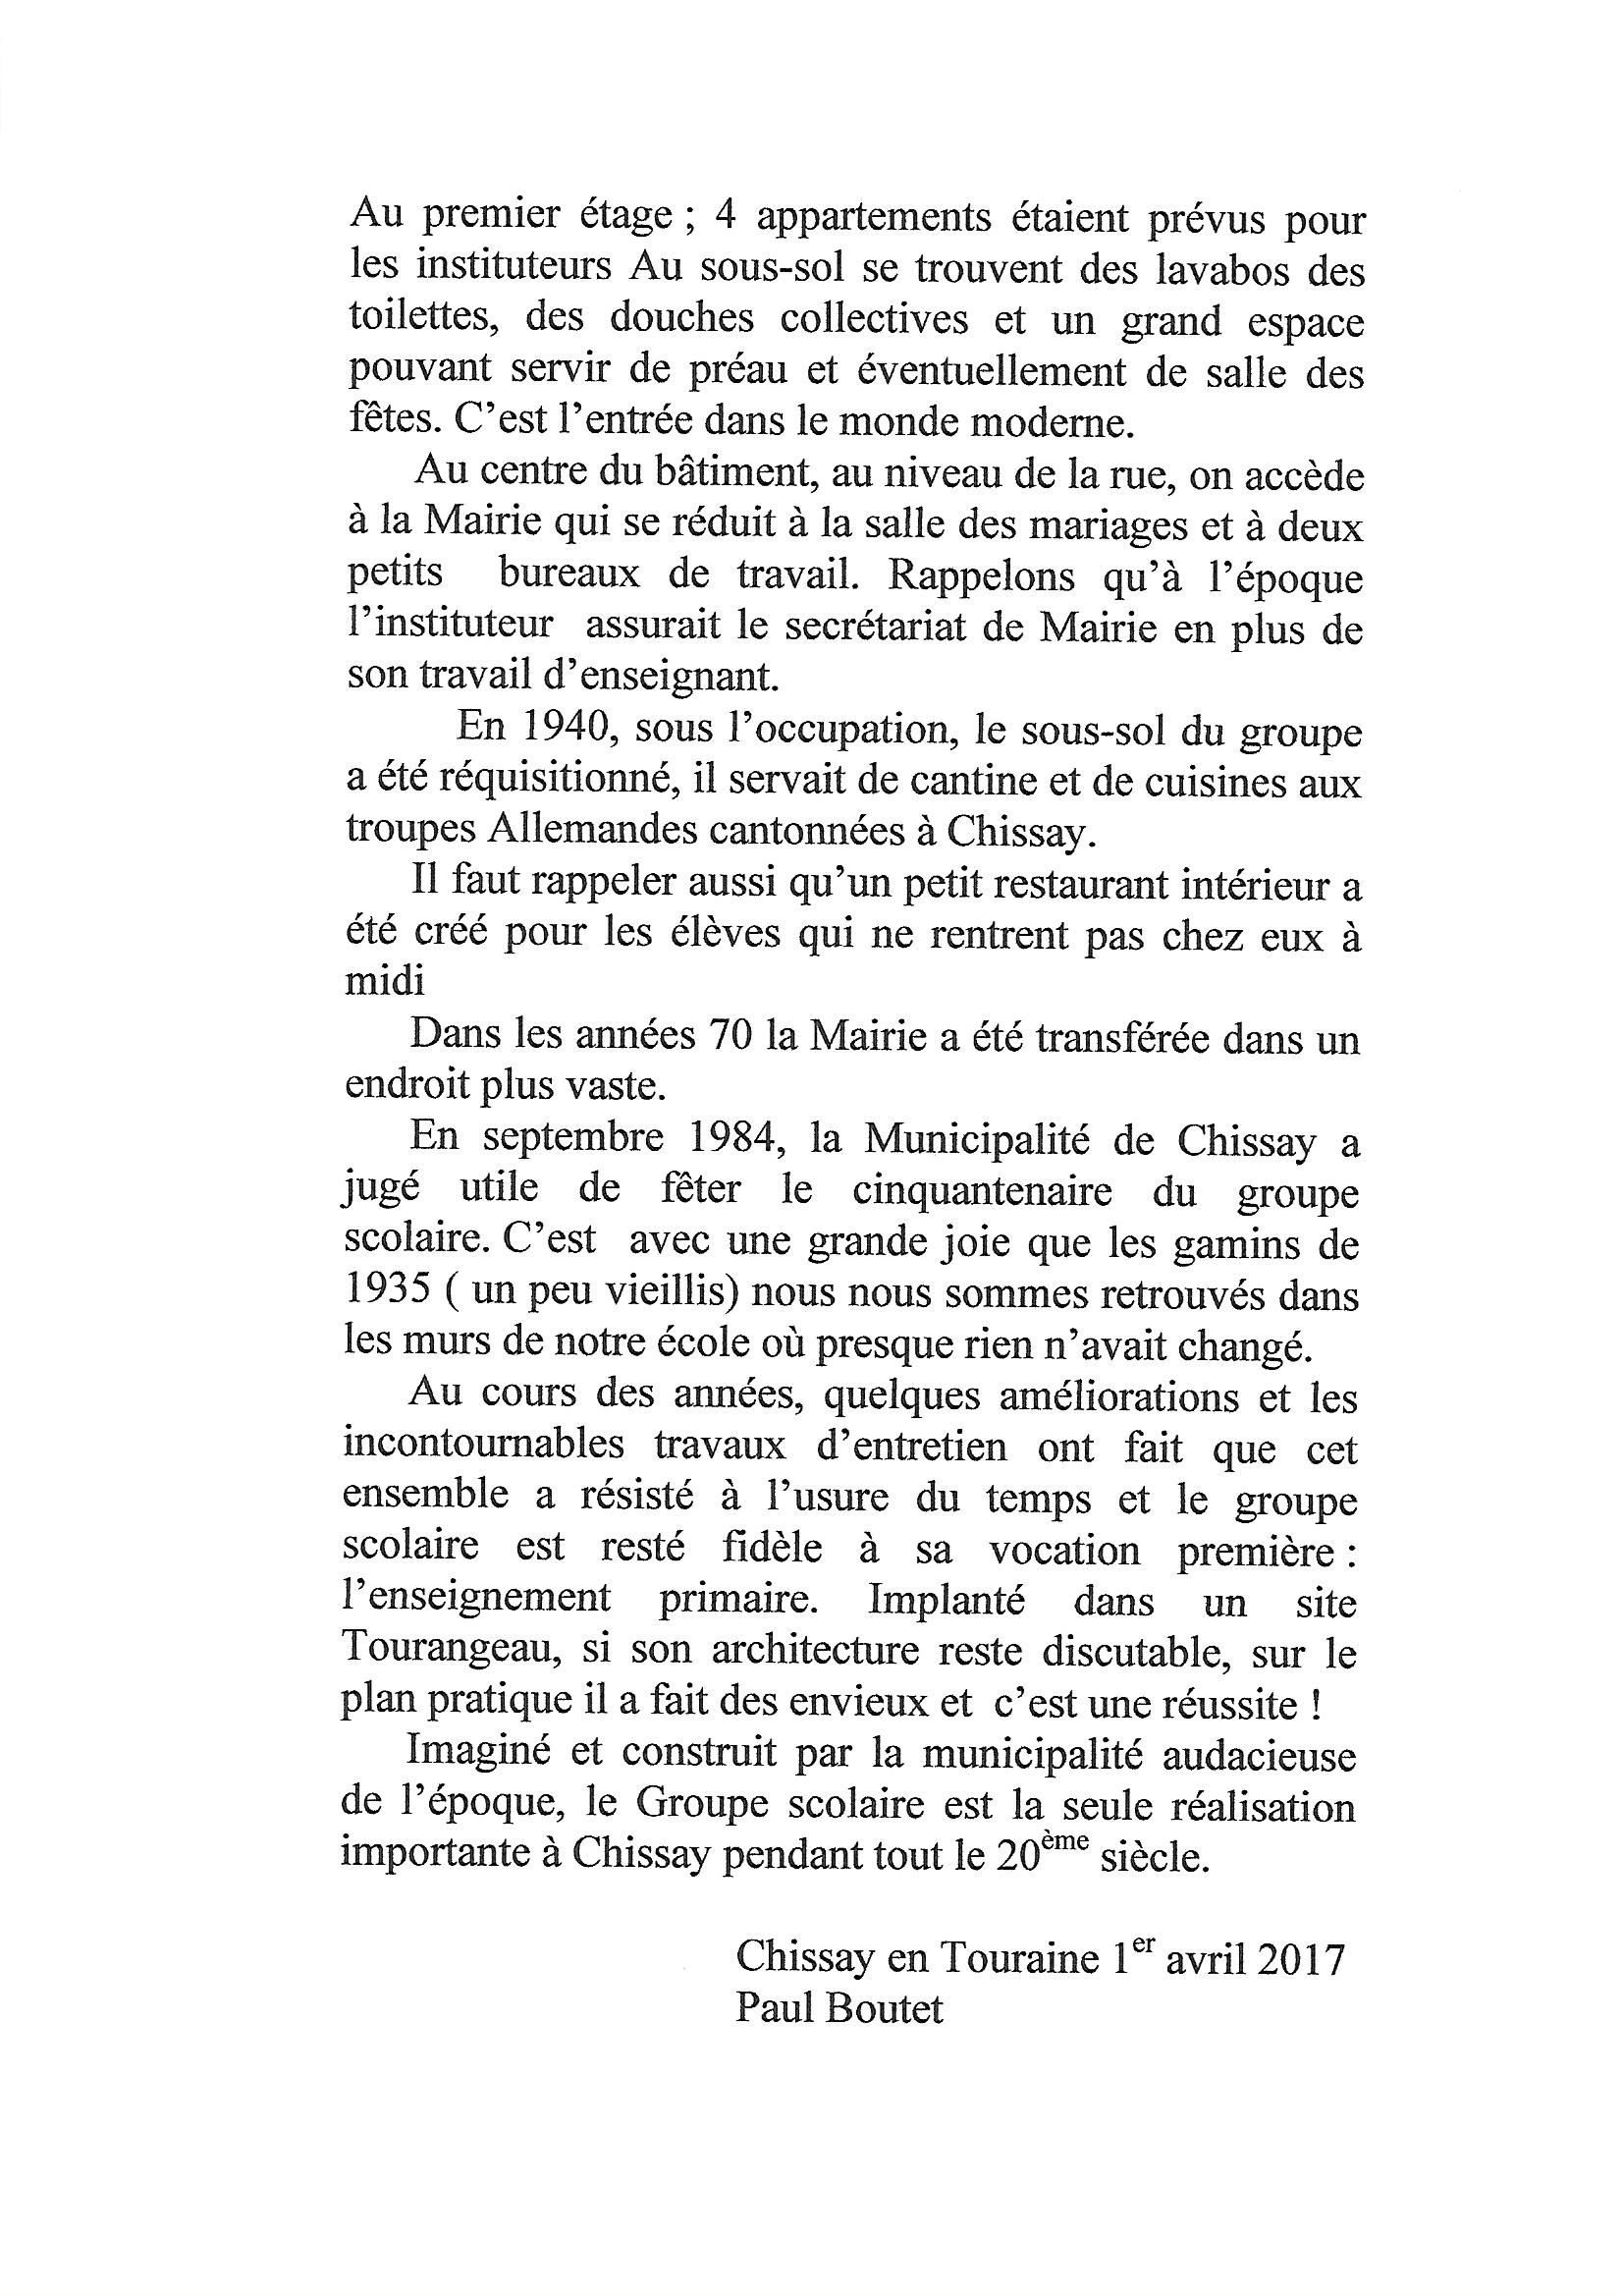 Groupe scolaire de Chissay page 4 - image/jpeg